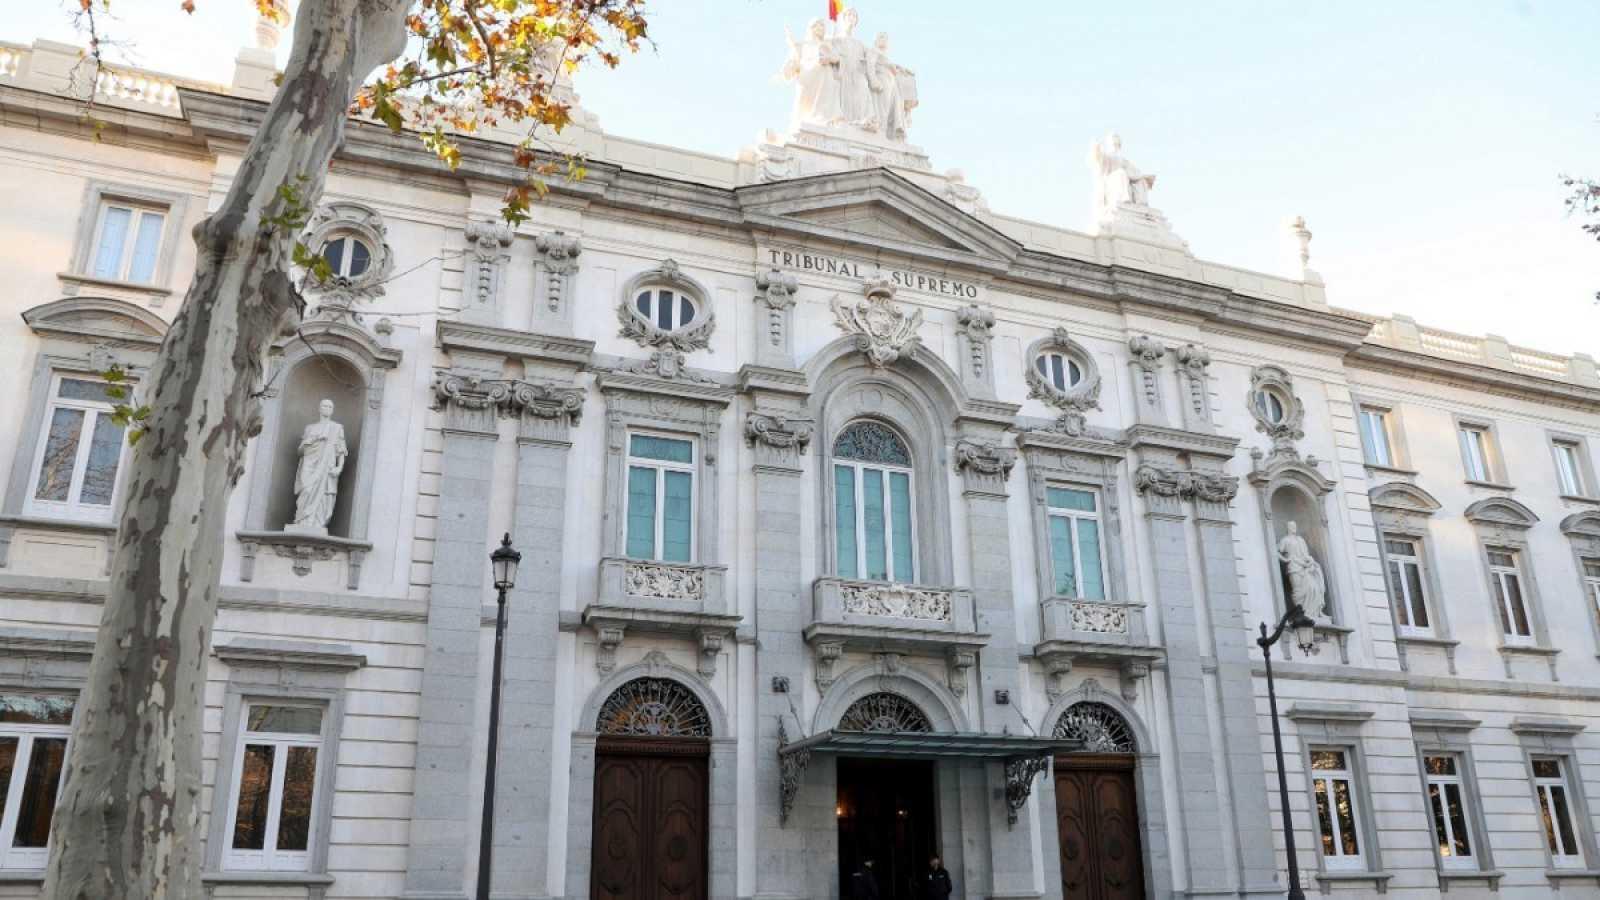 Fachada exterior del Triibunal Supremo en Madrid